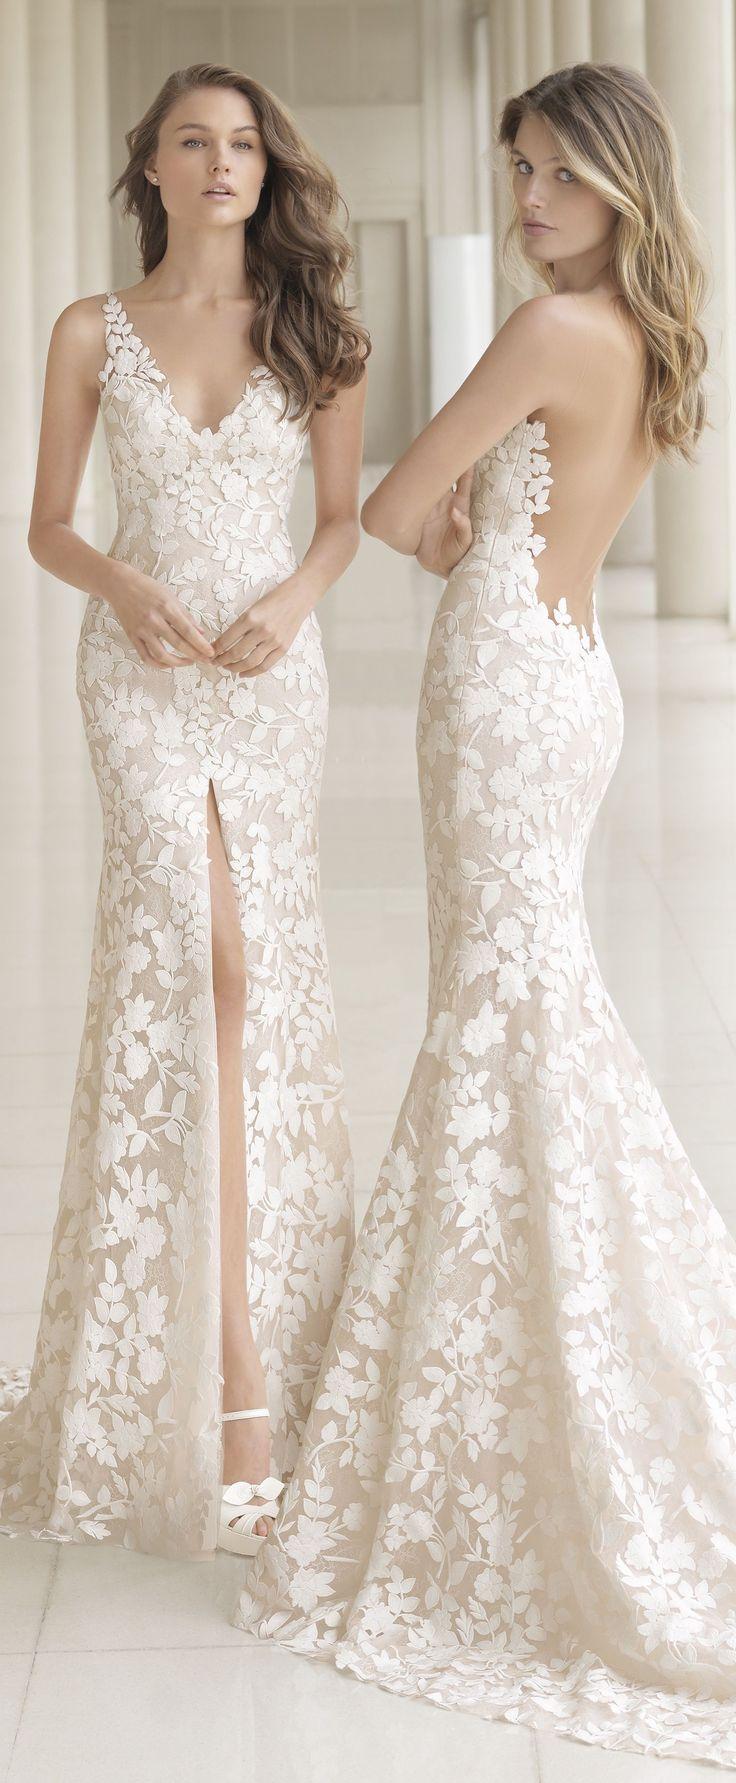 Rosa Aclara Brautkleider # Brautkleider # Brautkleider #rosaclara #rosaclarab ...